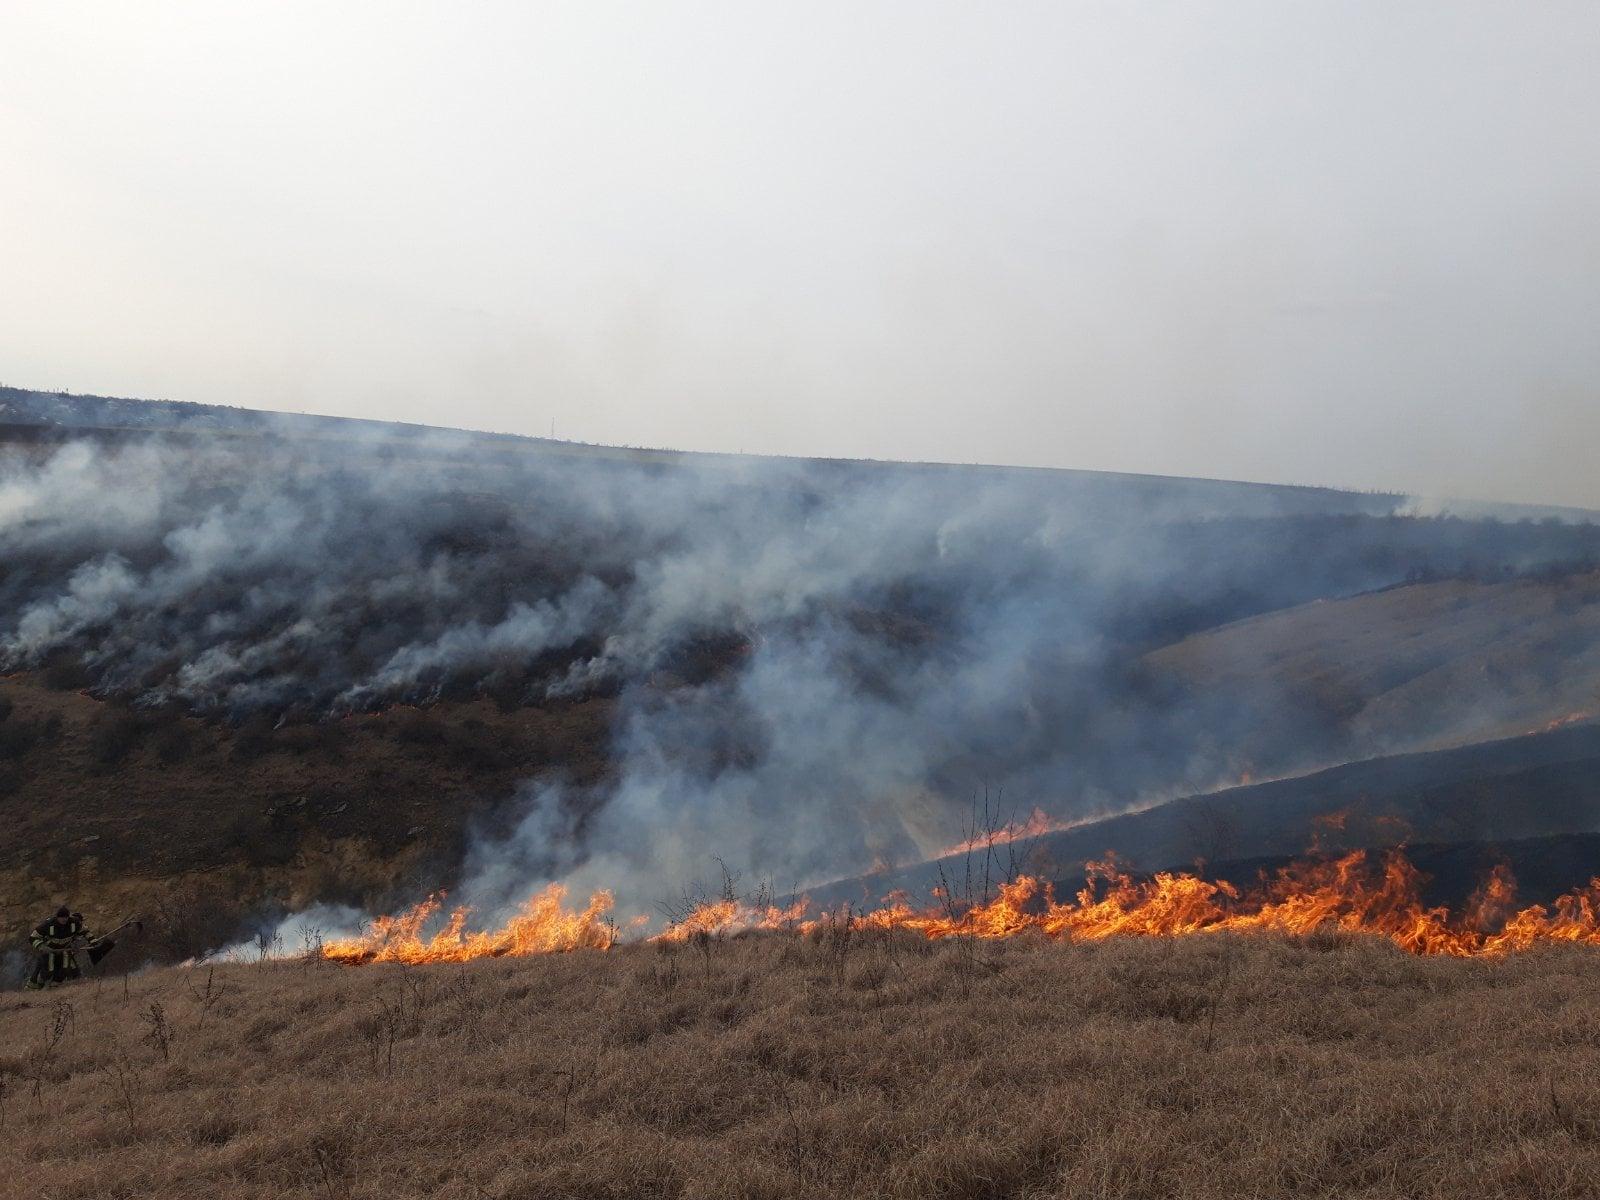 ВМолдове засутки произошло более 10природных пожаров (ФОТО, ВИДЕО)